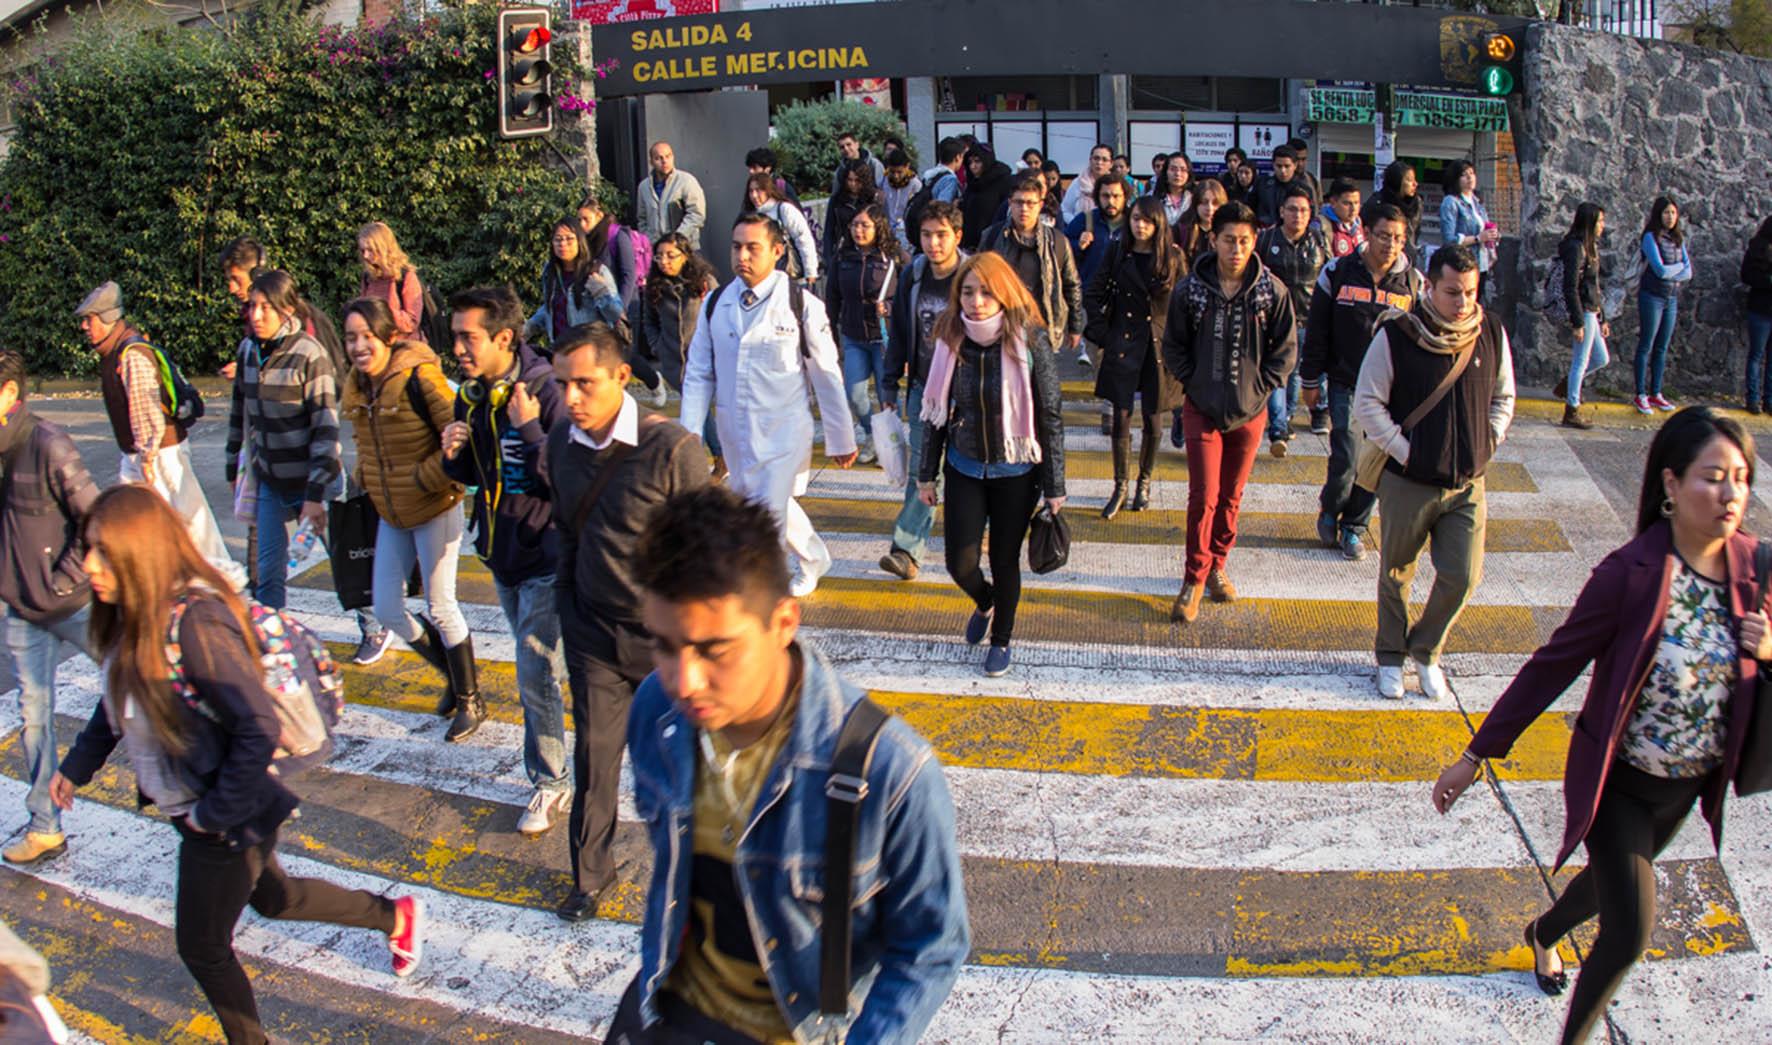 LA UNAM Y EL CONSEJO CIUDADANO DE LA CDMX IMPULSARÁN CULTURA DE LA PREVENCIÓN Y LA SEGURIDAD